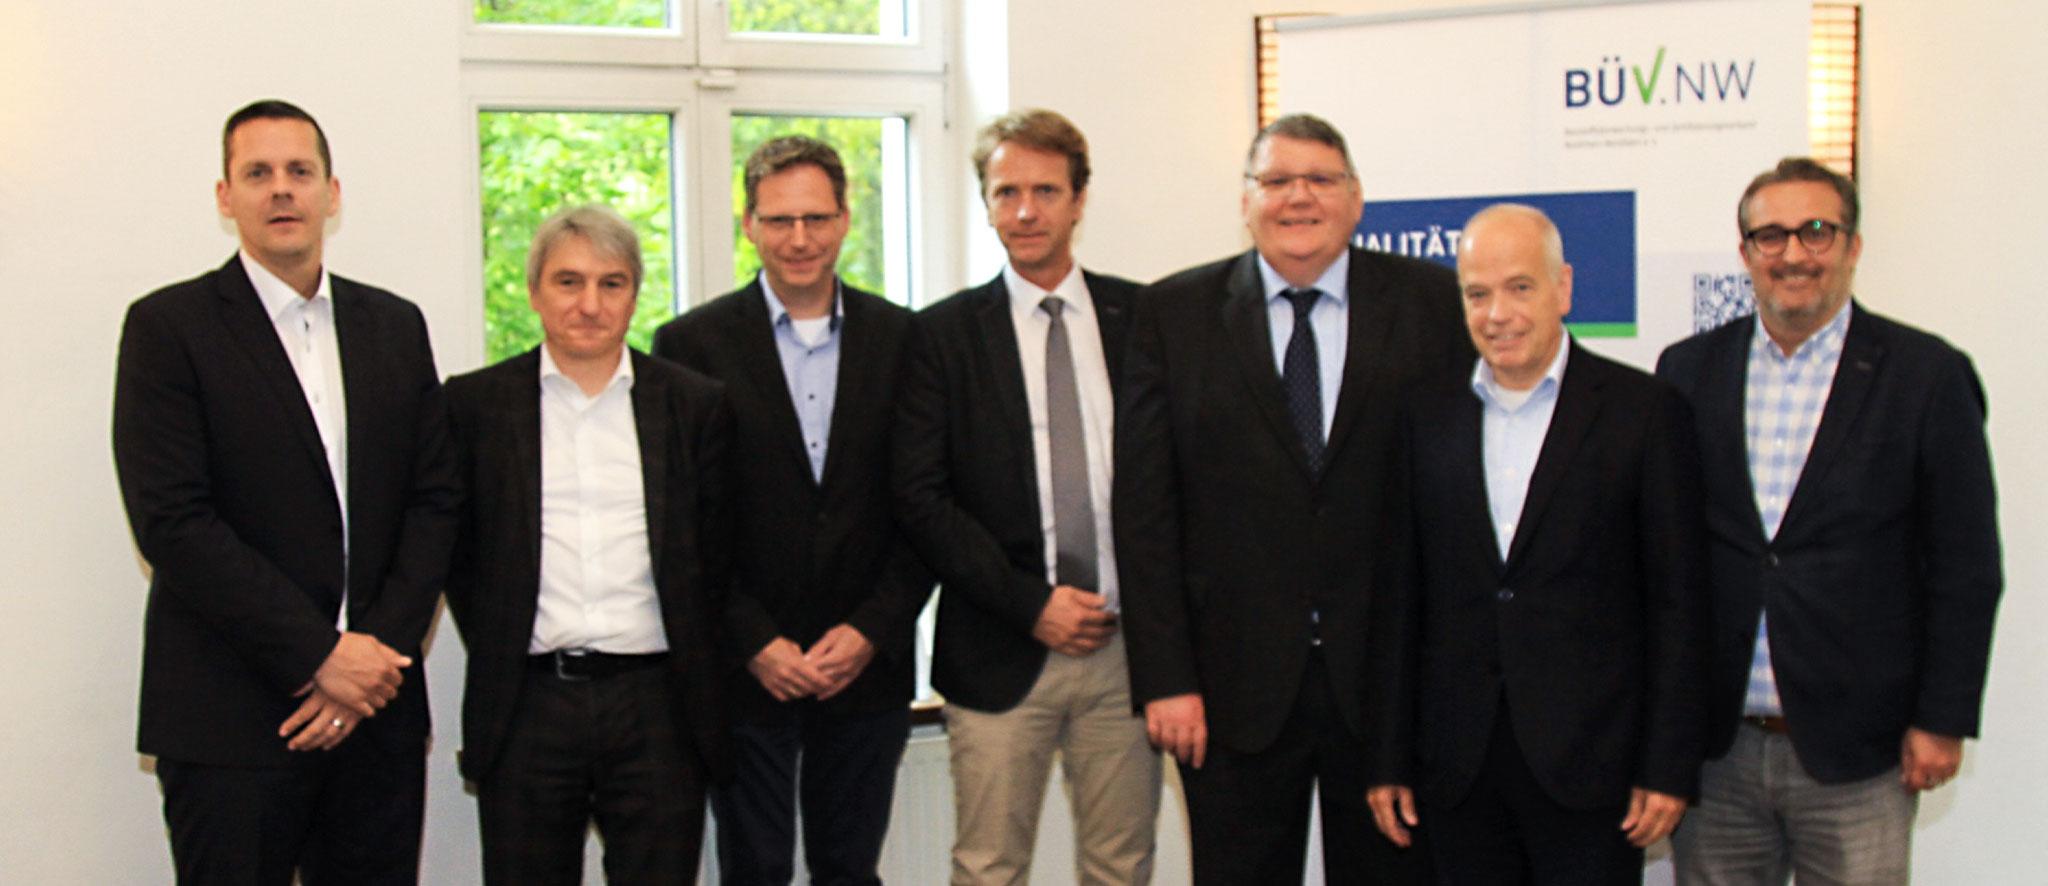 Jahresmitgliederversammlung 2019 | BÜV.NW